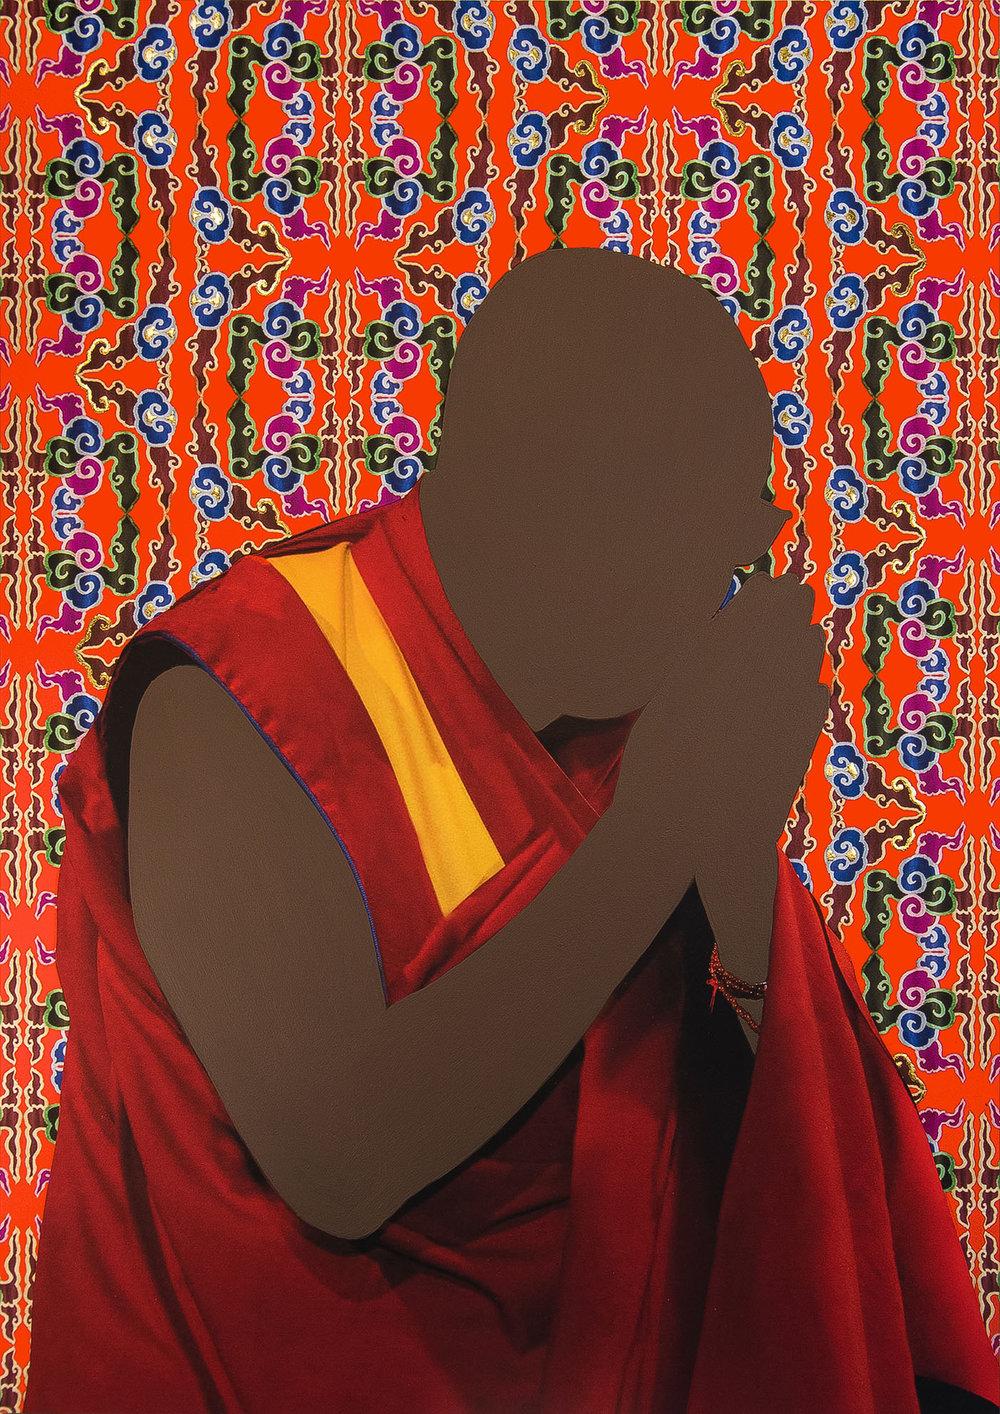 Portraits Edit Final_Dalai Lama.jpg